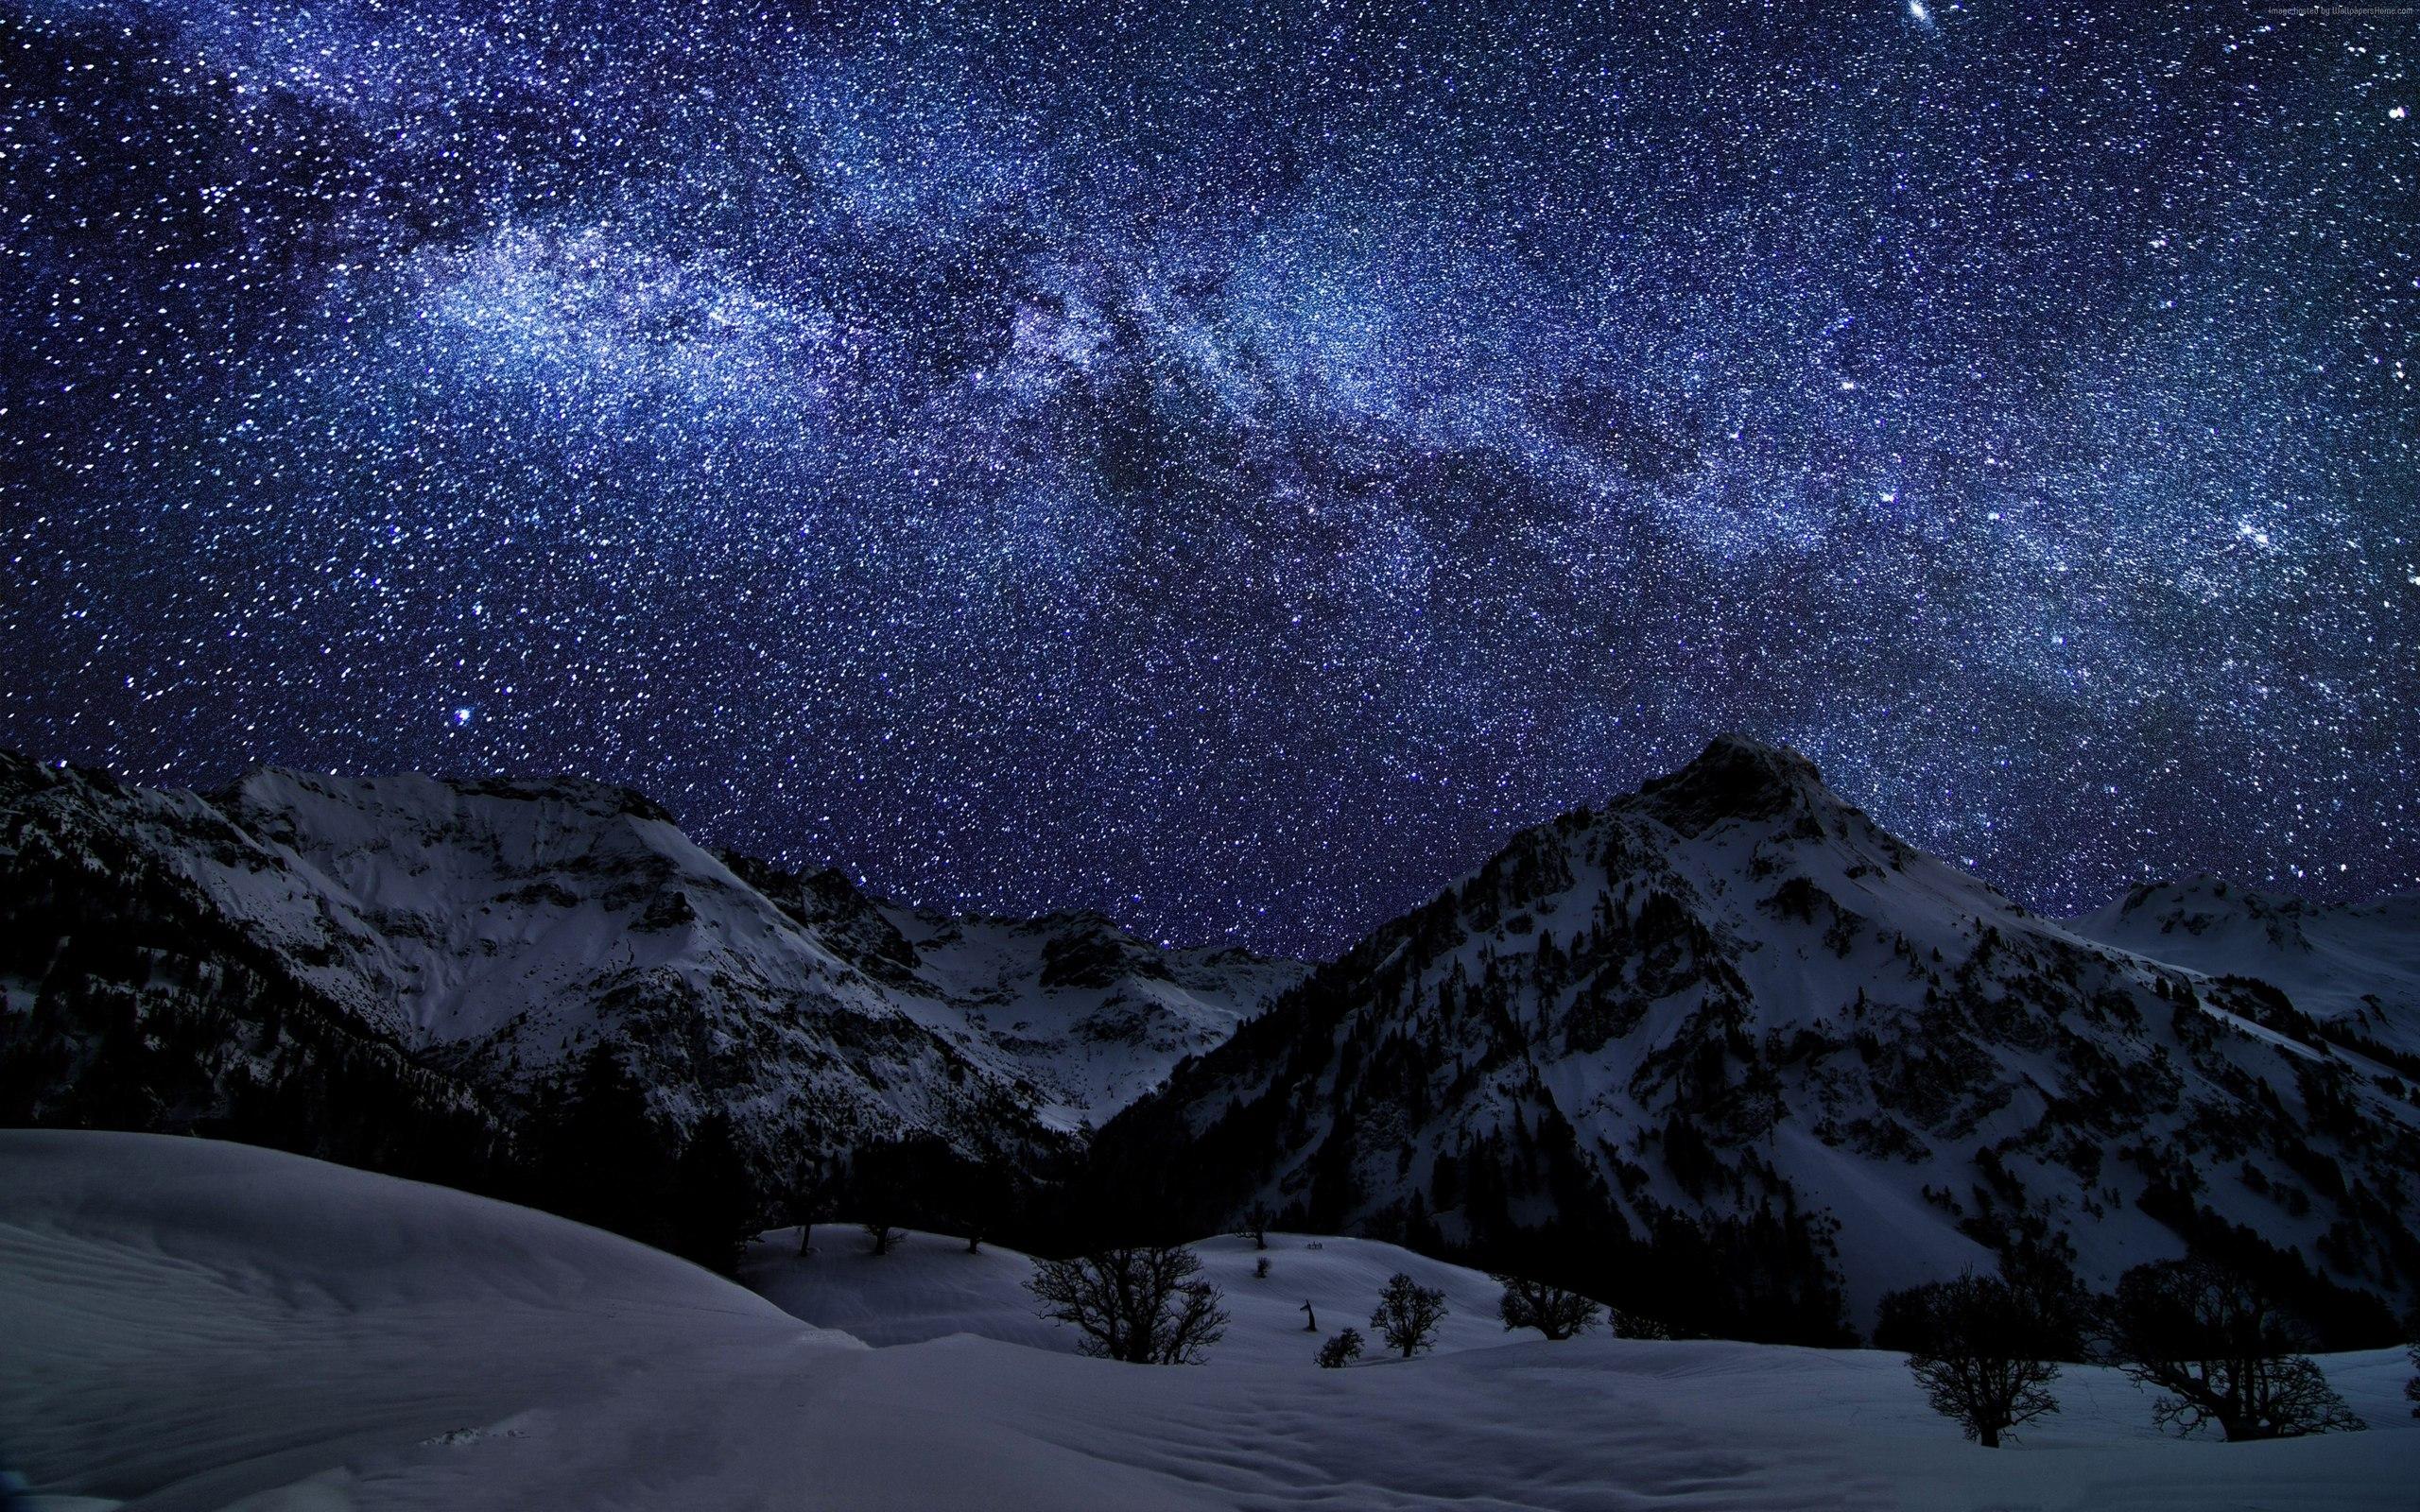 Звёздное небо и космос в картинках - Страница 40 F1cIqxOwg10